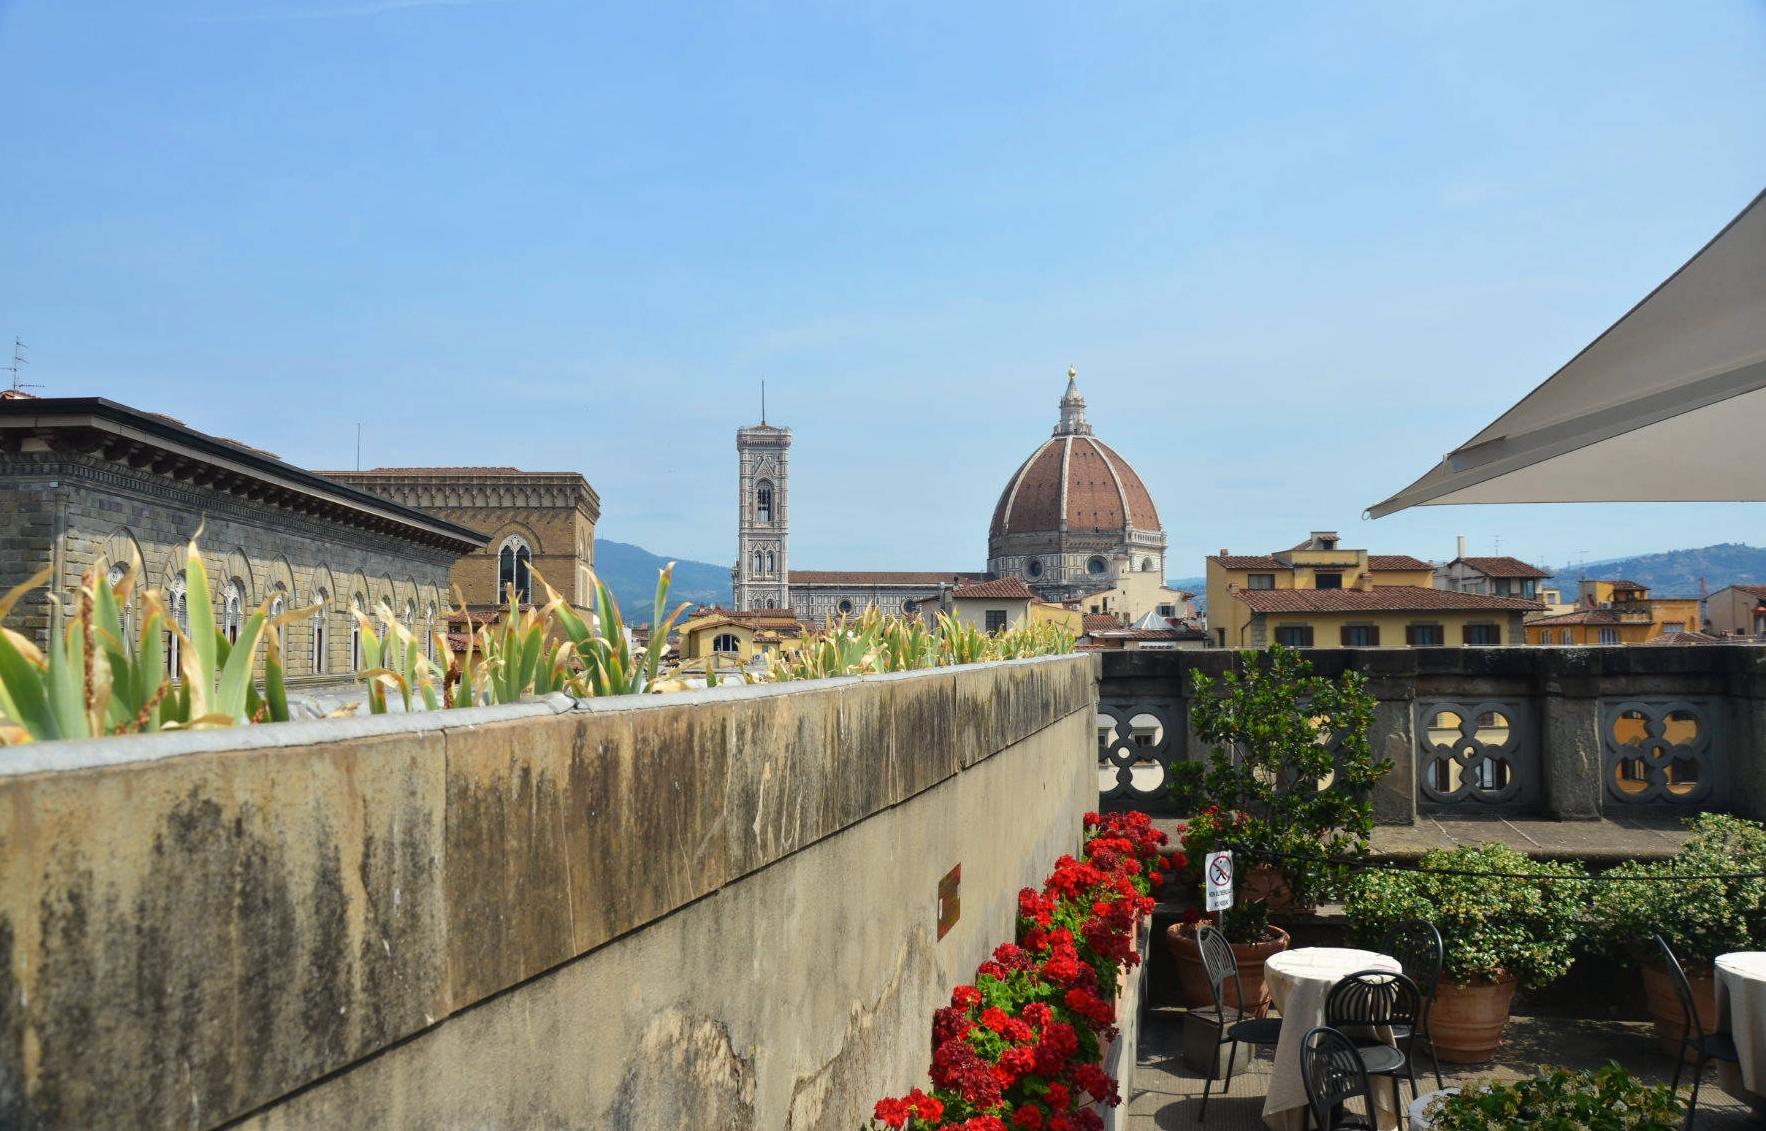 Uffizi Gallery Views